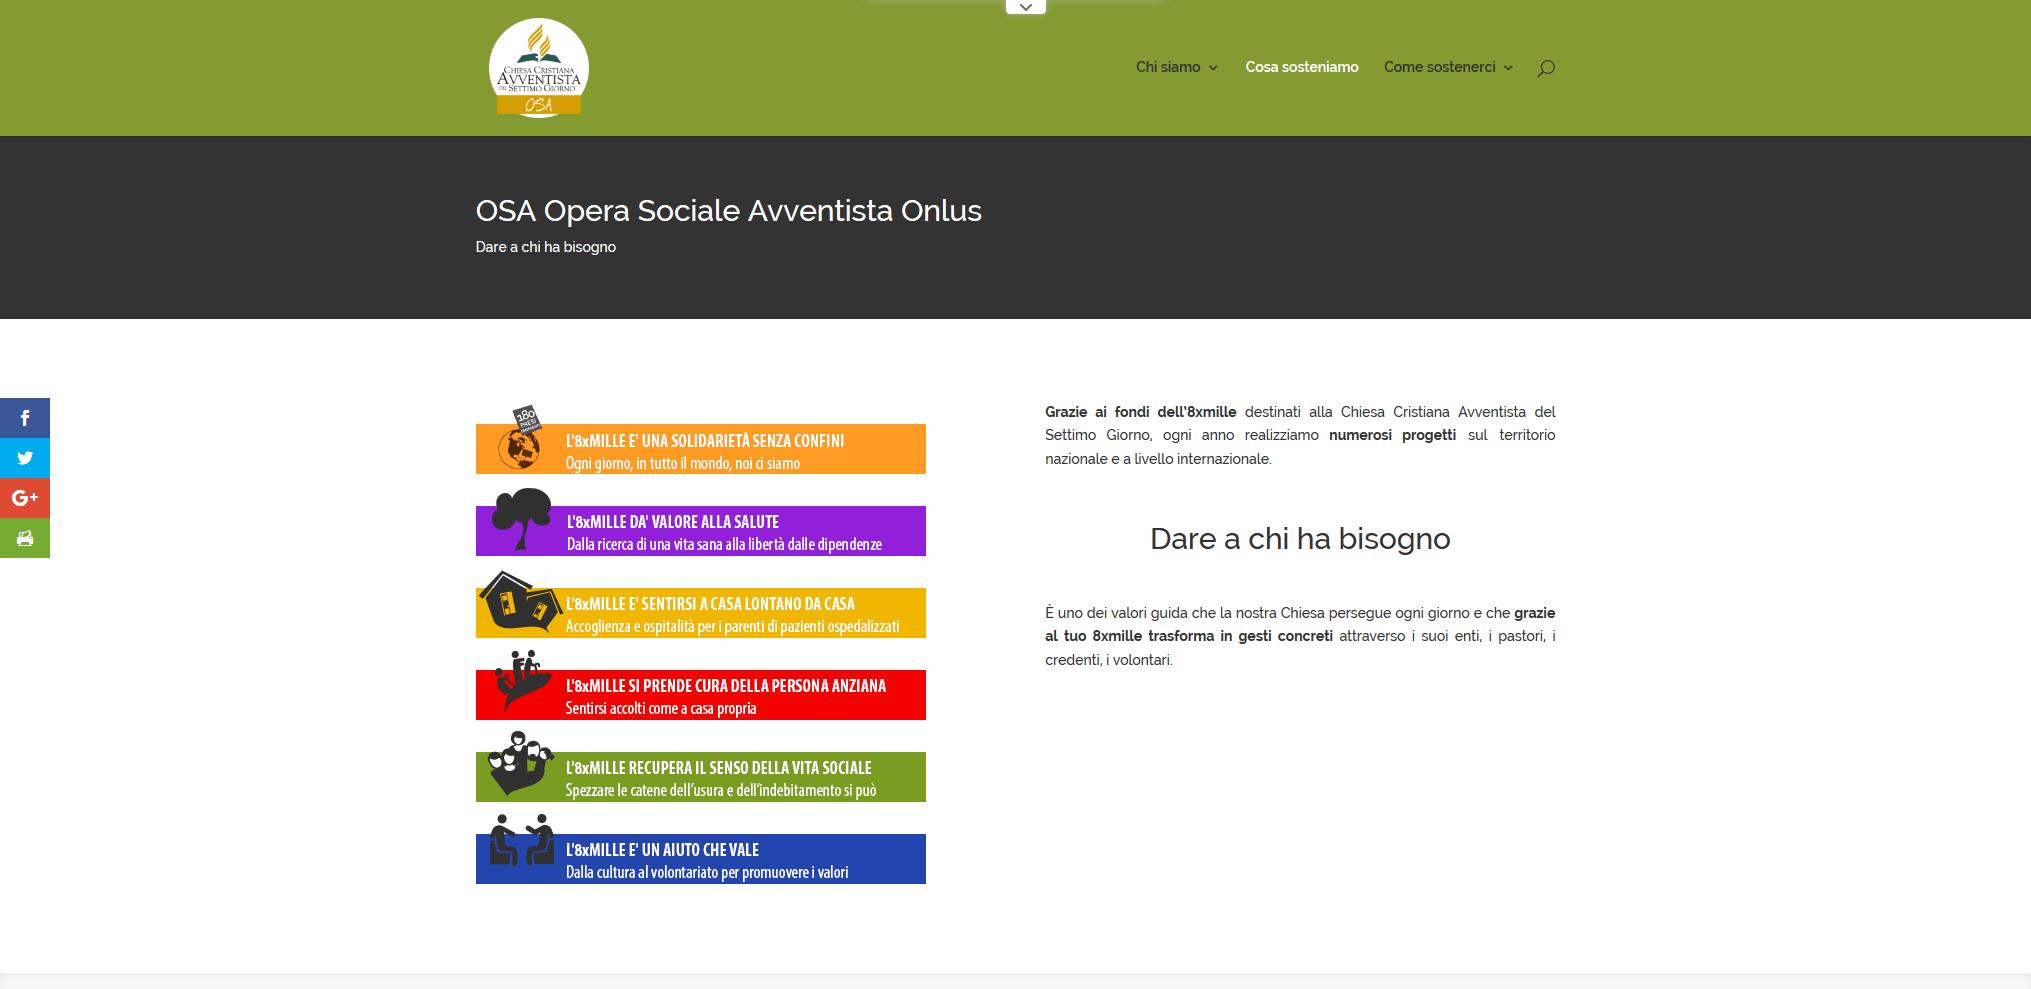 Opera Sociale Avventista